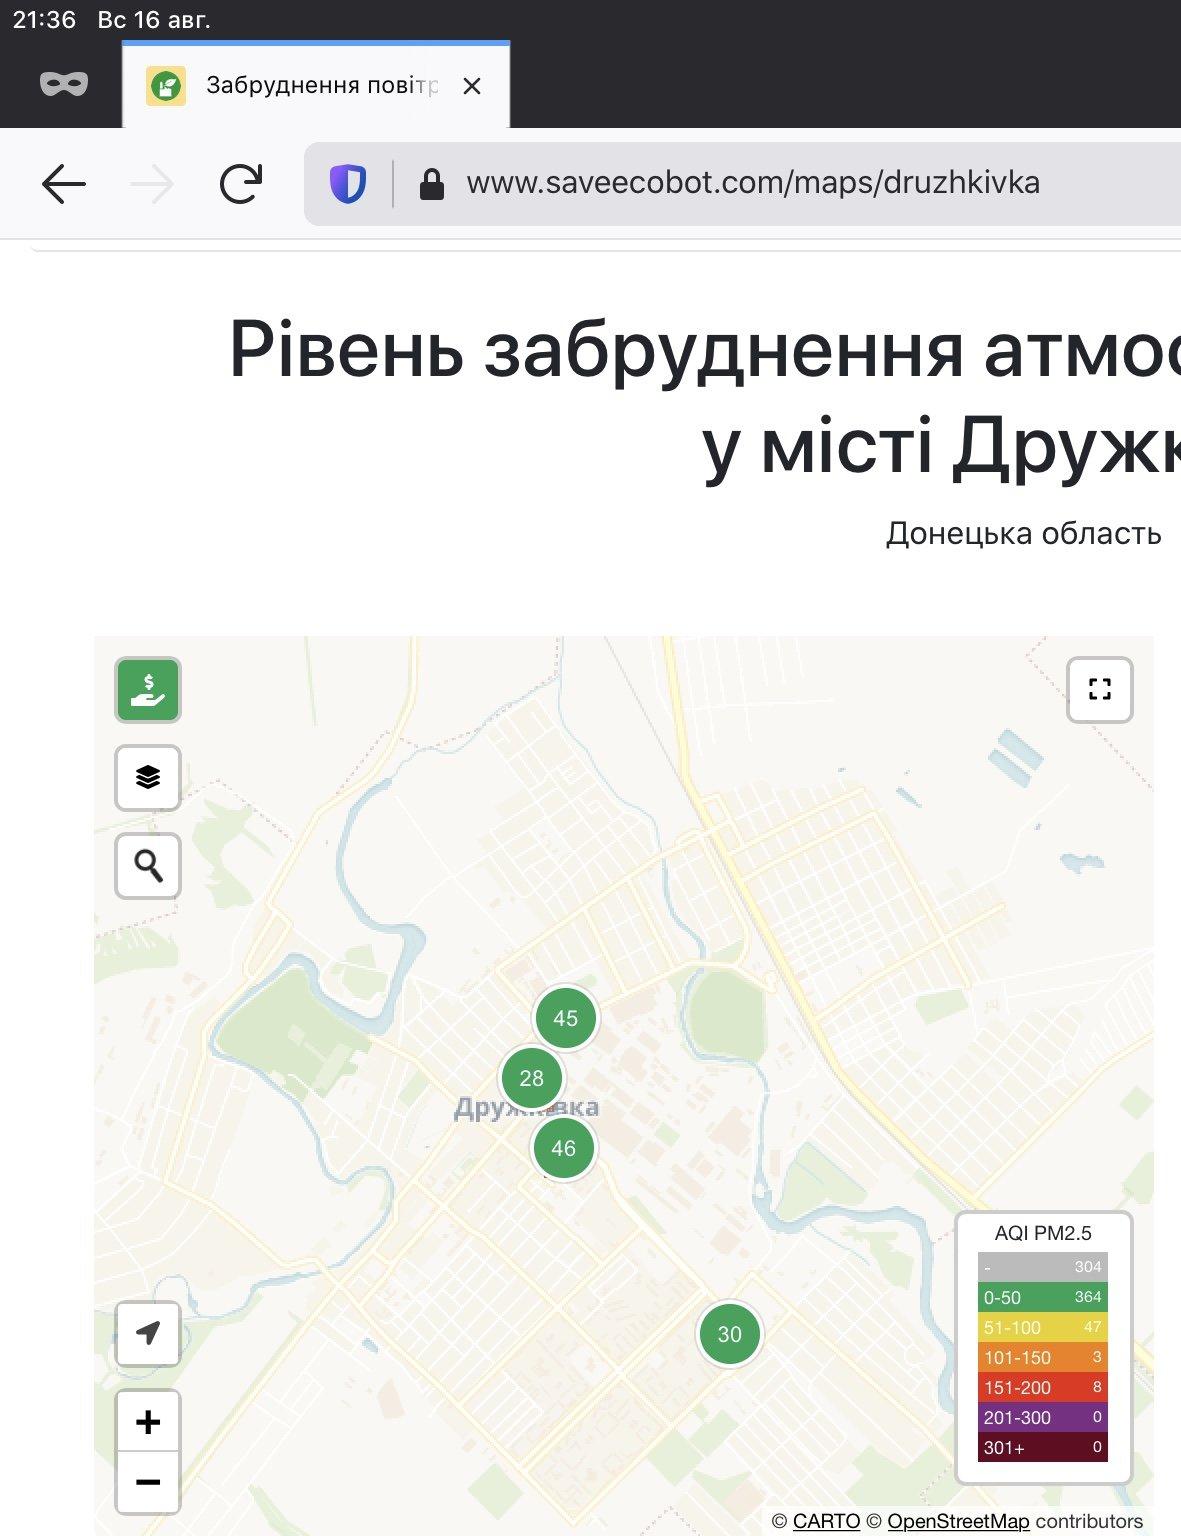 Дружківка: Екобот показує ідеальну чистоту повітря в місті, фото-1